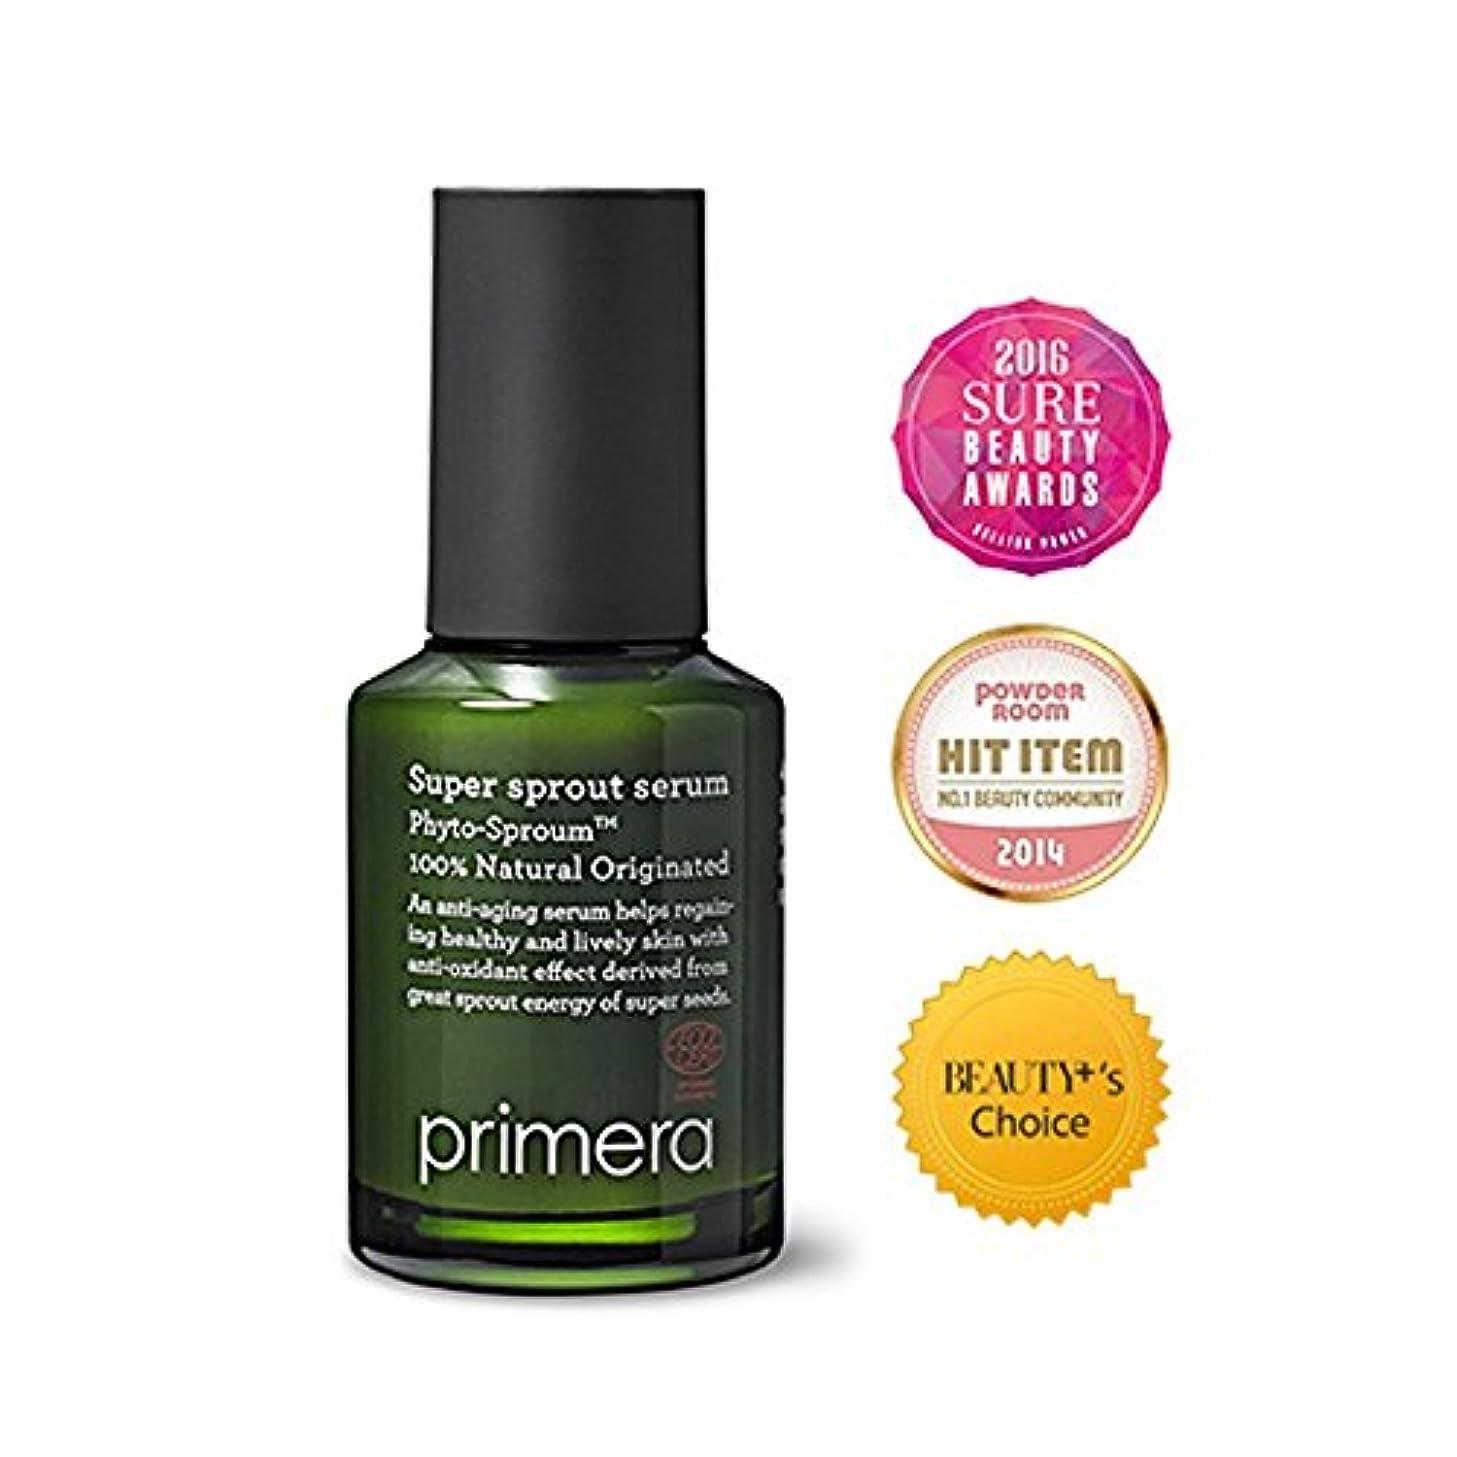 王女離す印をつけるPrimera(プリメラ) スーパースプラウトセラム(50ml) /Primera Super Sprout serum(50ml)[海外直送品] [並行輸入品]